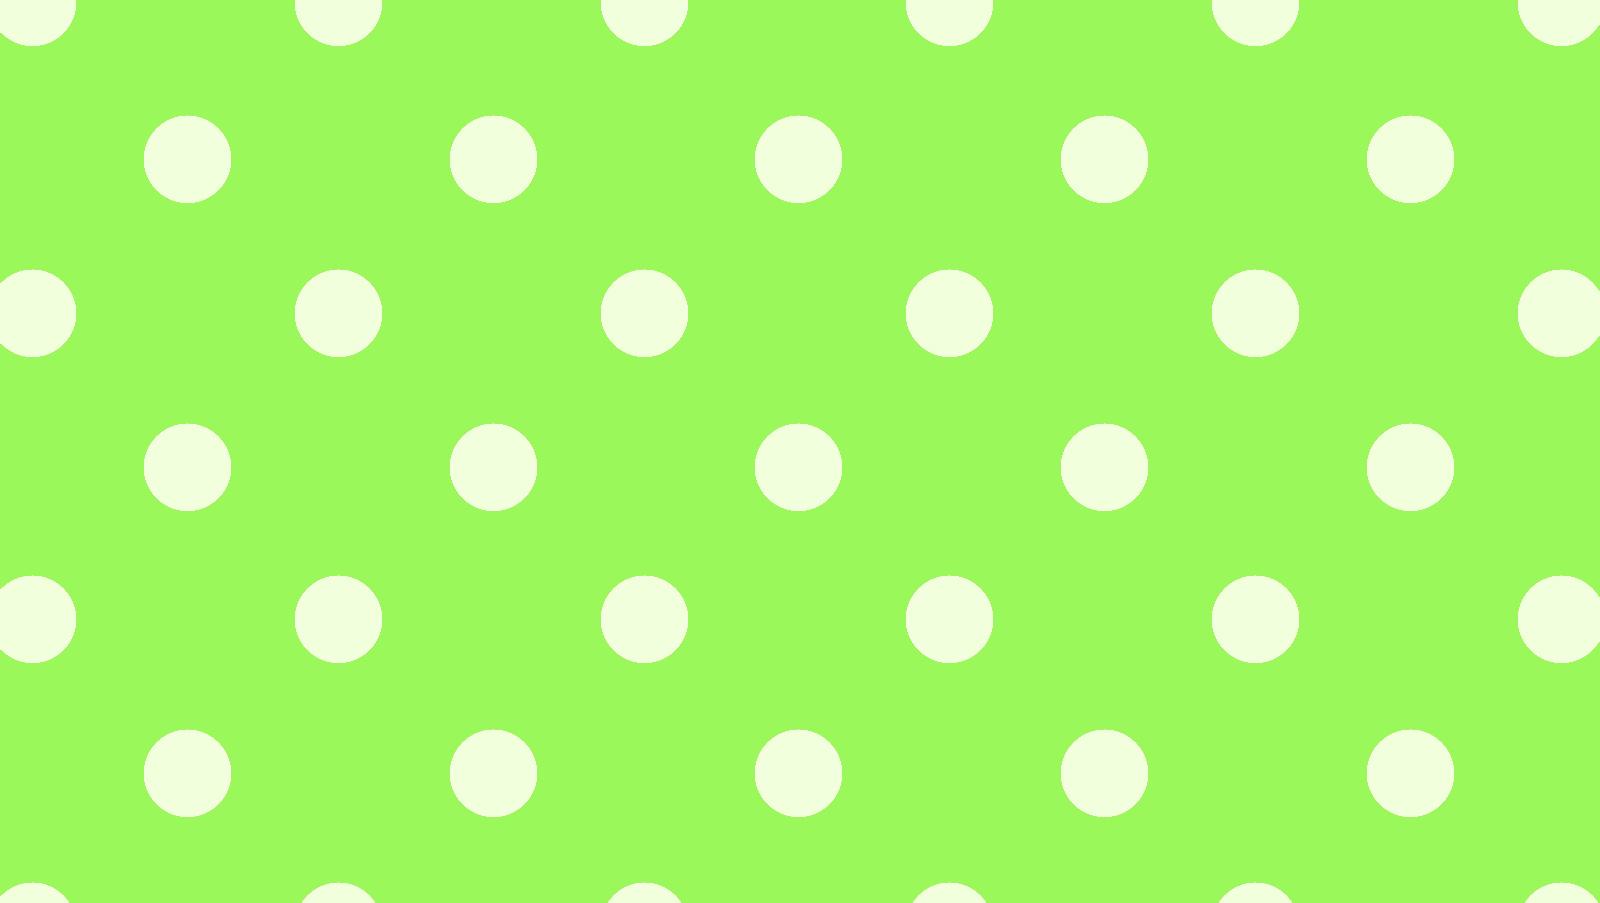 Cute Polka Dot Wallpaper - WallpaperSafari